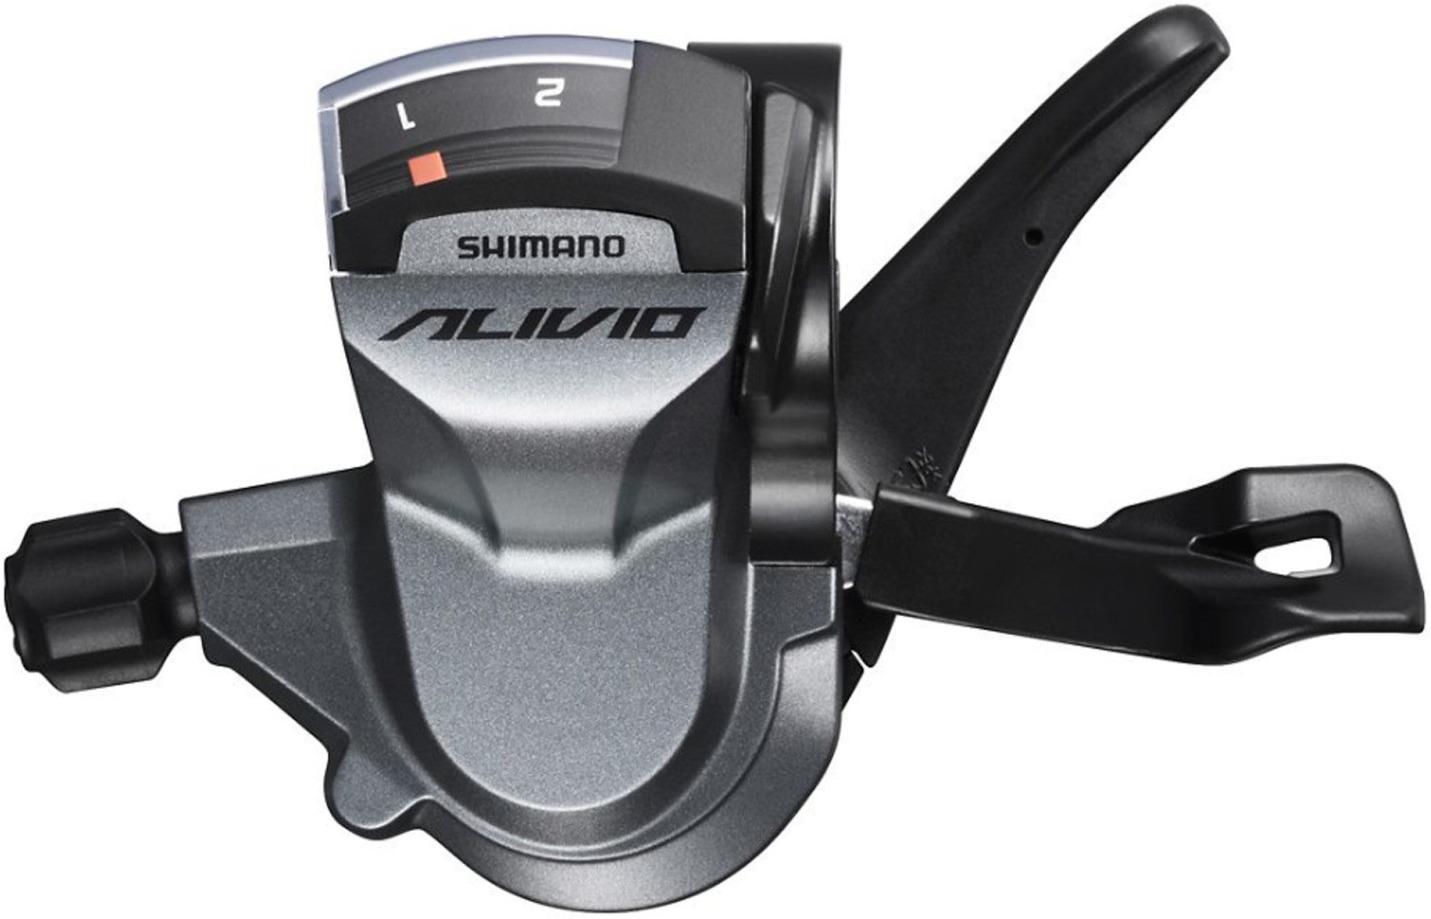 Шифтер Shimano Alivio, M4010, левый 2 скоростей, трос 1800 мм, ESLM4010LB shimano deore m590 лев пр 3x9ск тр оплетк